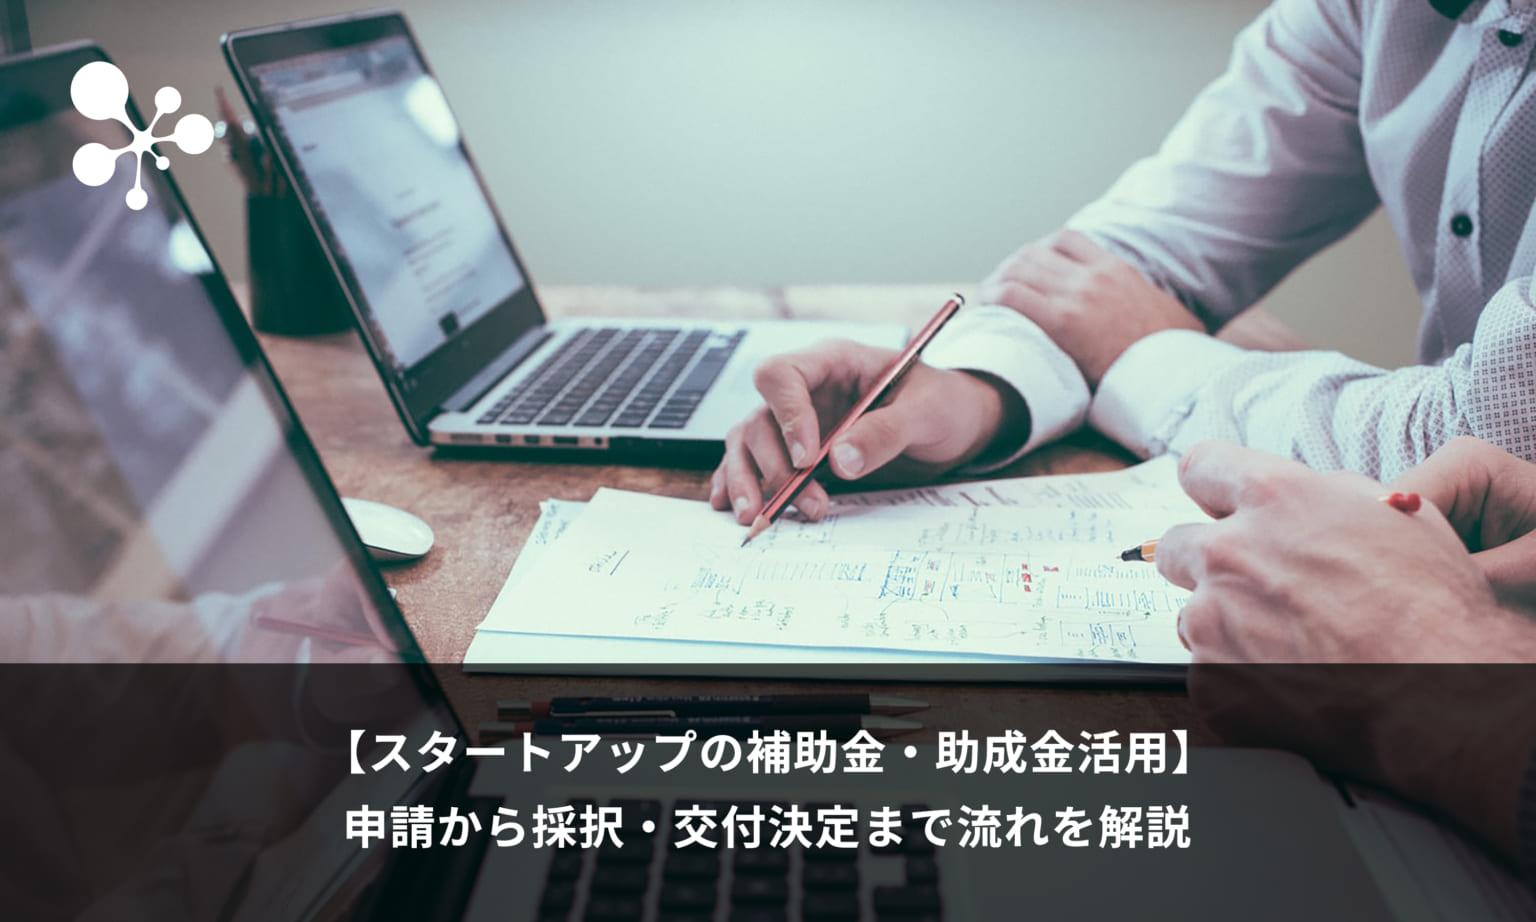 【スタートアップの補助金・助成金活用】申請から採択・交付決定まで流れを解説